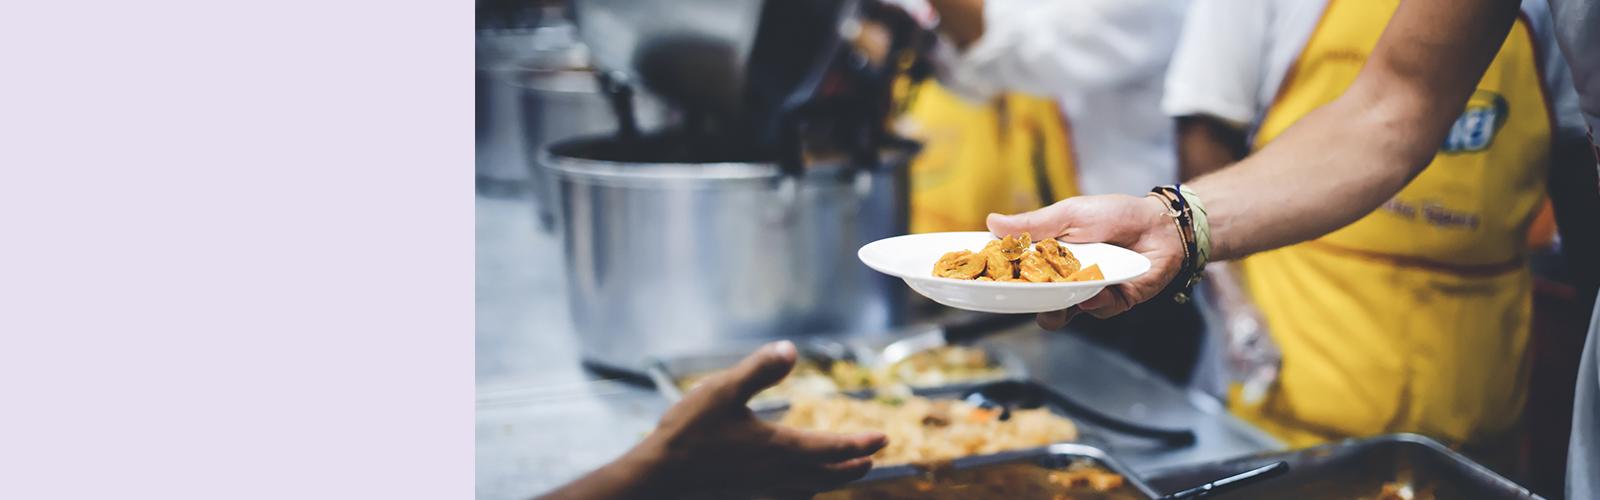 Imagem de uma pessoa entregando um prato de comida para outra pessoa.